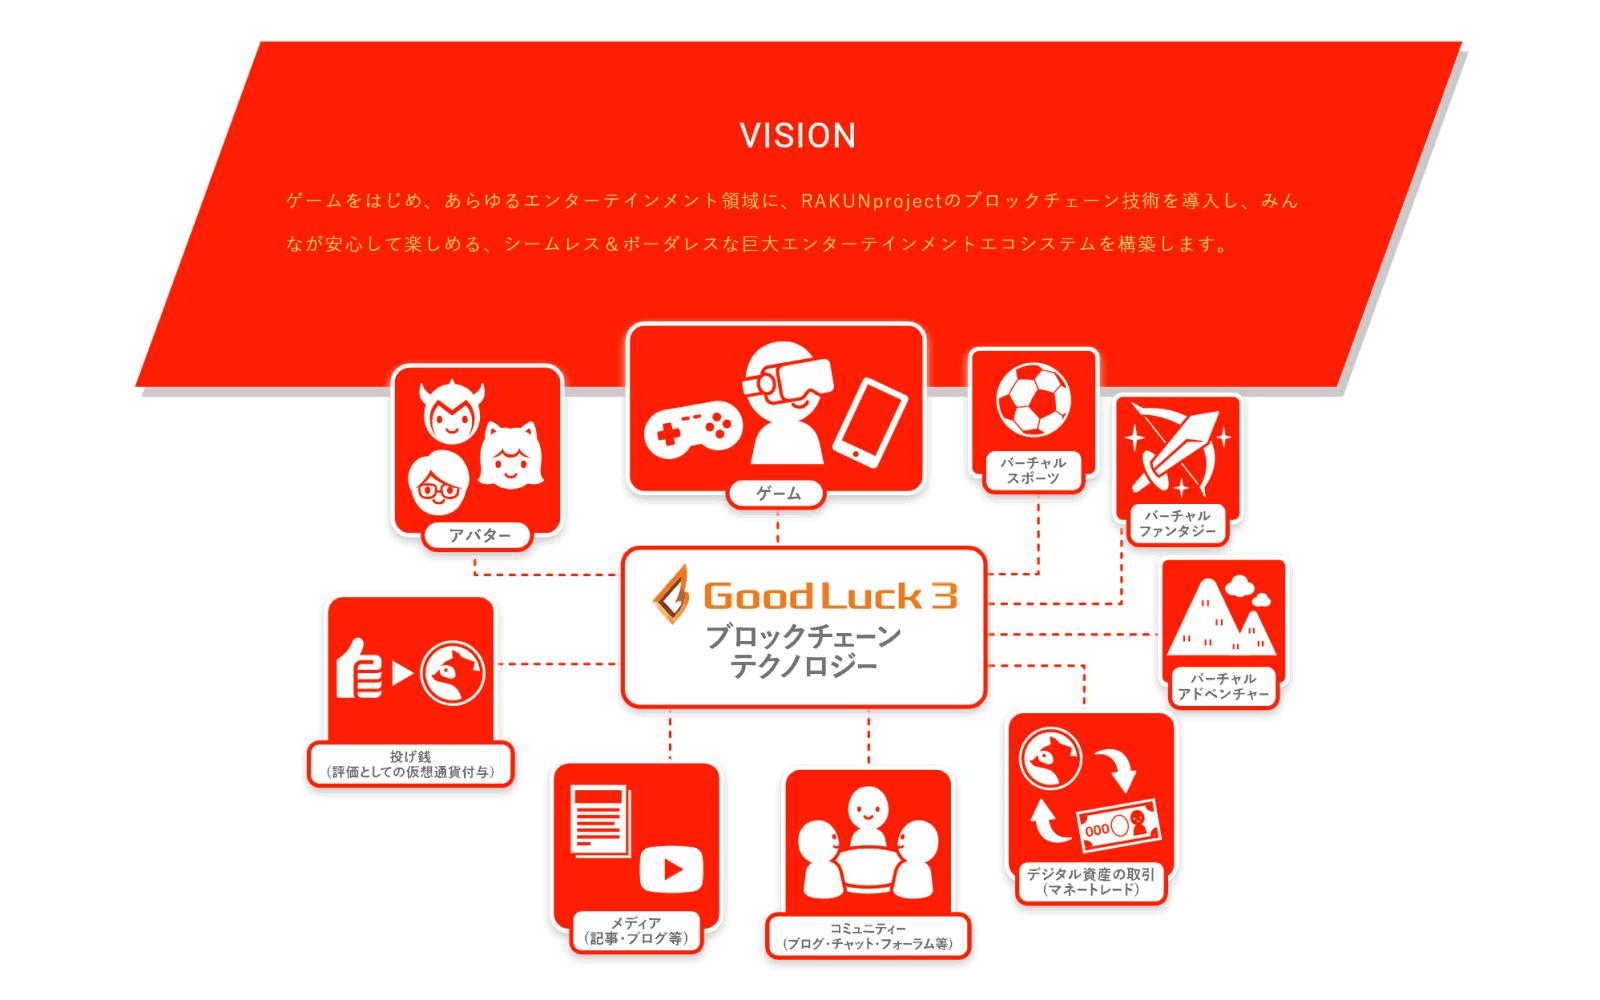 RAKUNでは、ブロックチェーンを活用してシームレス&ボーダレスなエンターテインメントエコシステムの創出を目指す